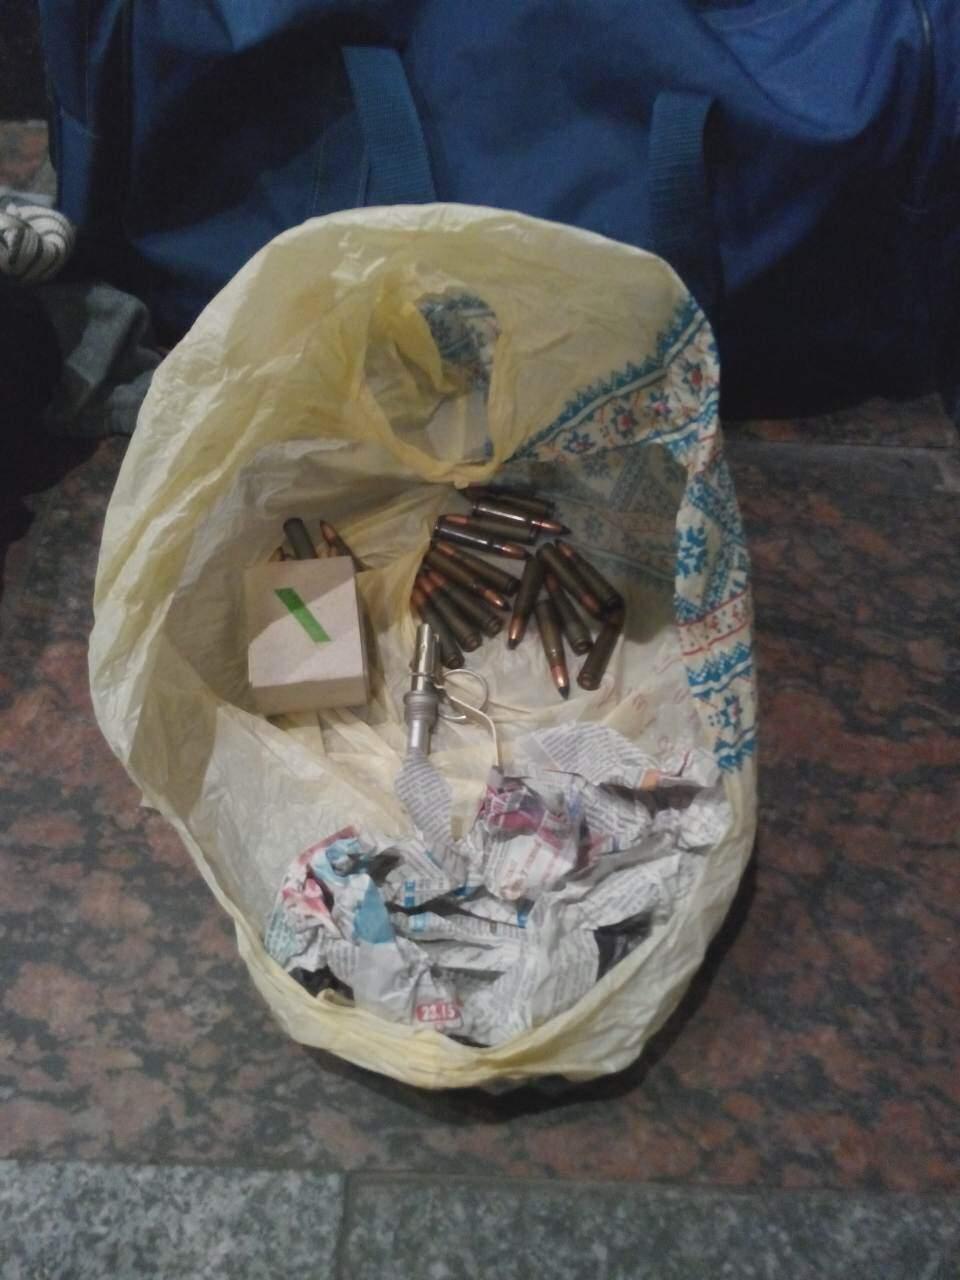 На львовском вокзале обнаружили сумку с патронами и запалом к ручной гранате (видео)